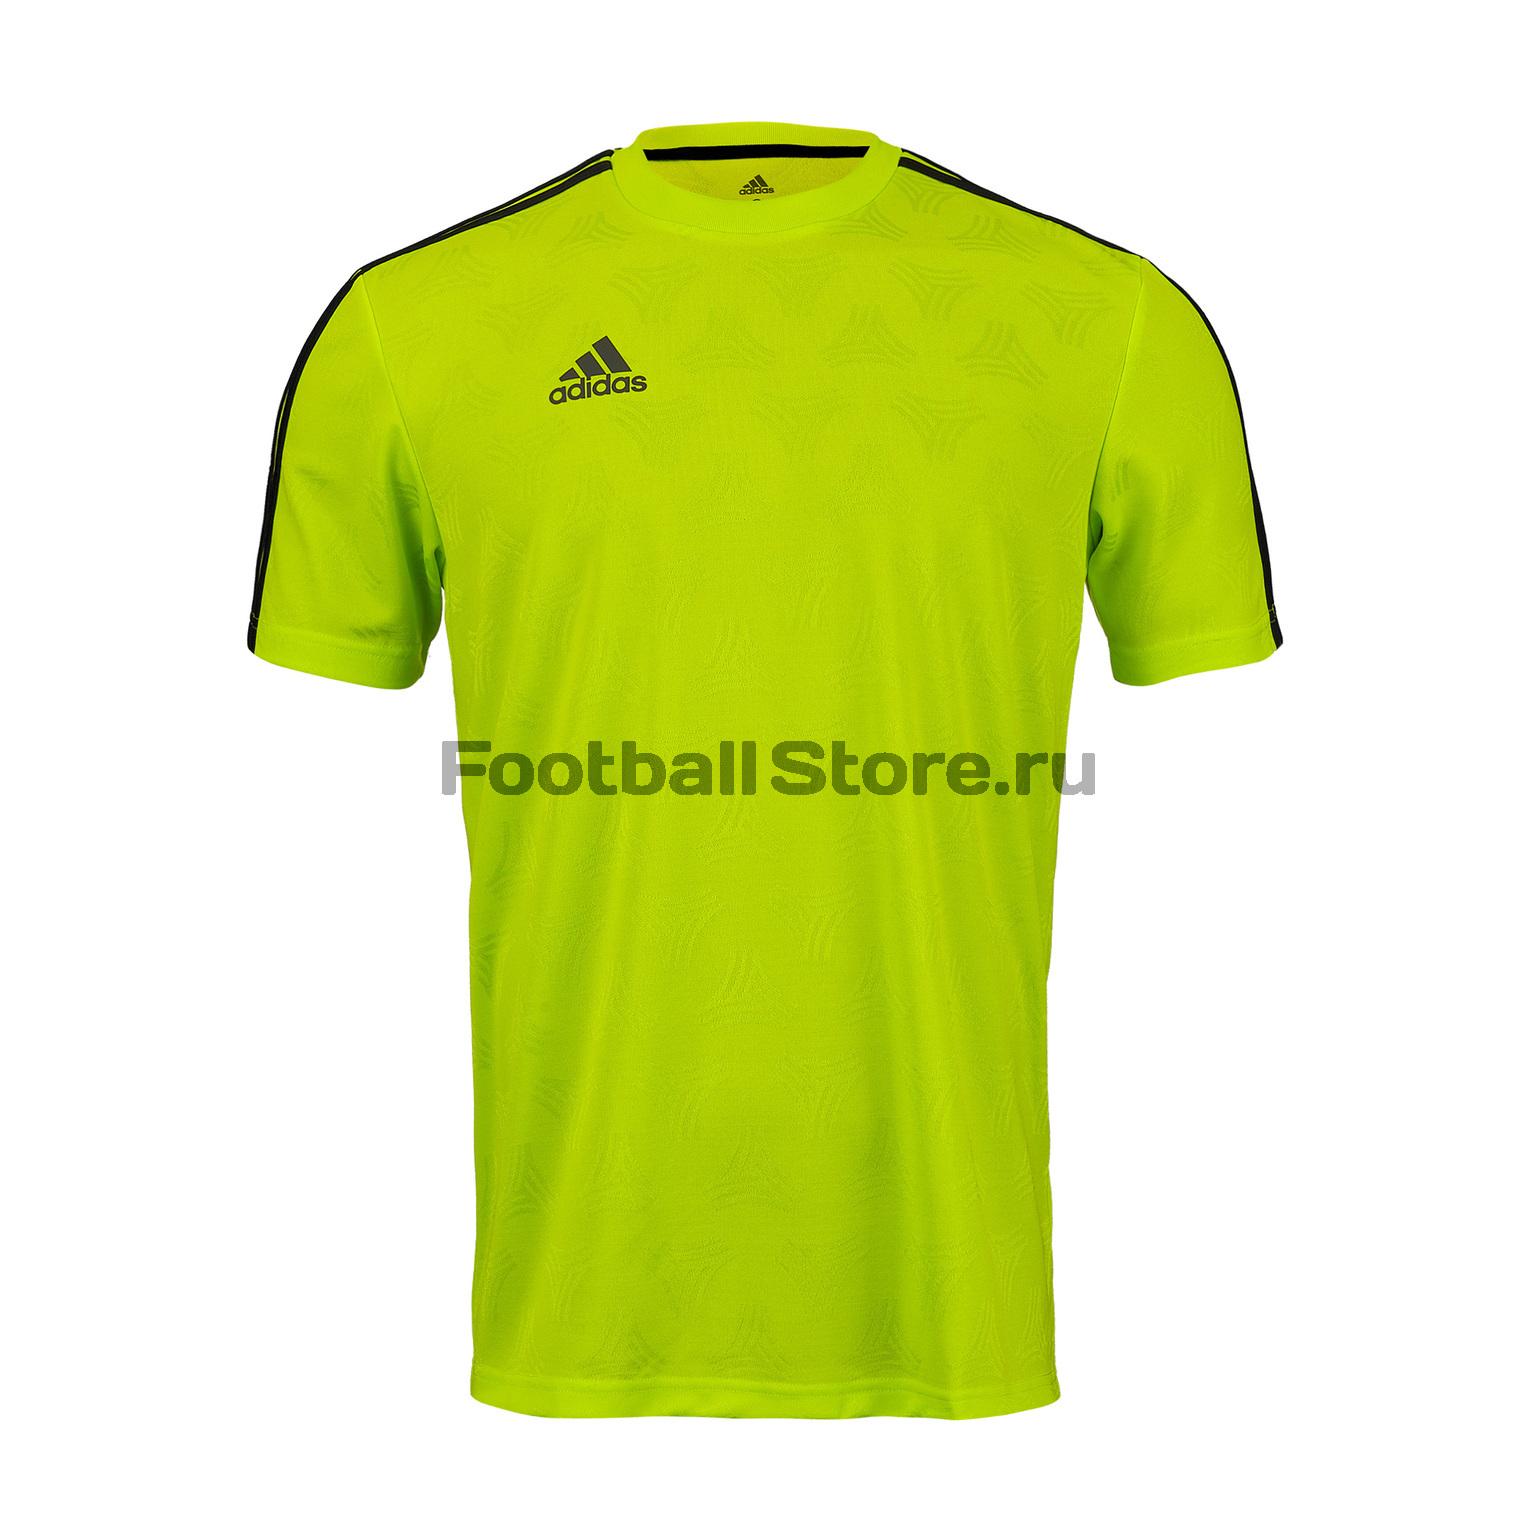 цена Футболка тренировочная Adidas Tan Jacquard DT9425 онлайн в 2017 году